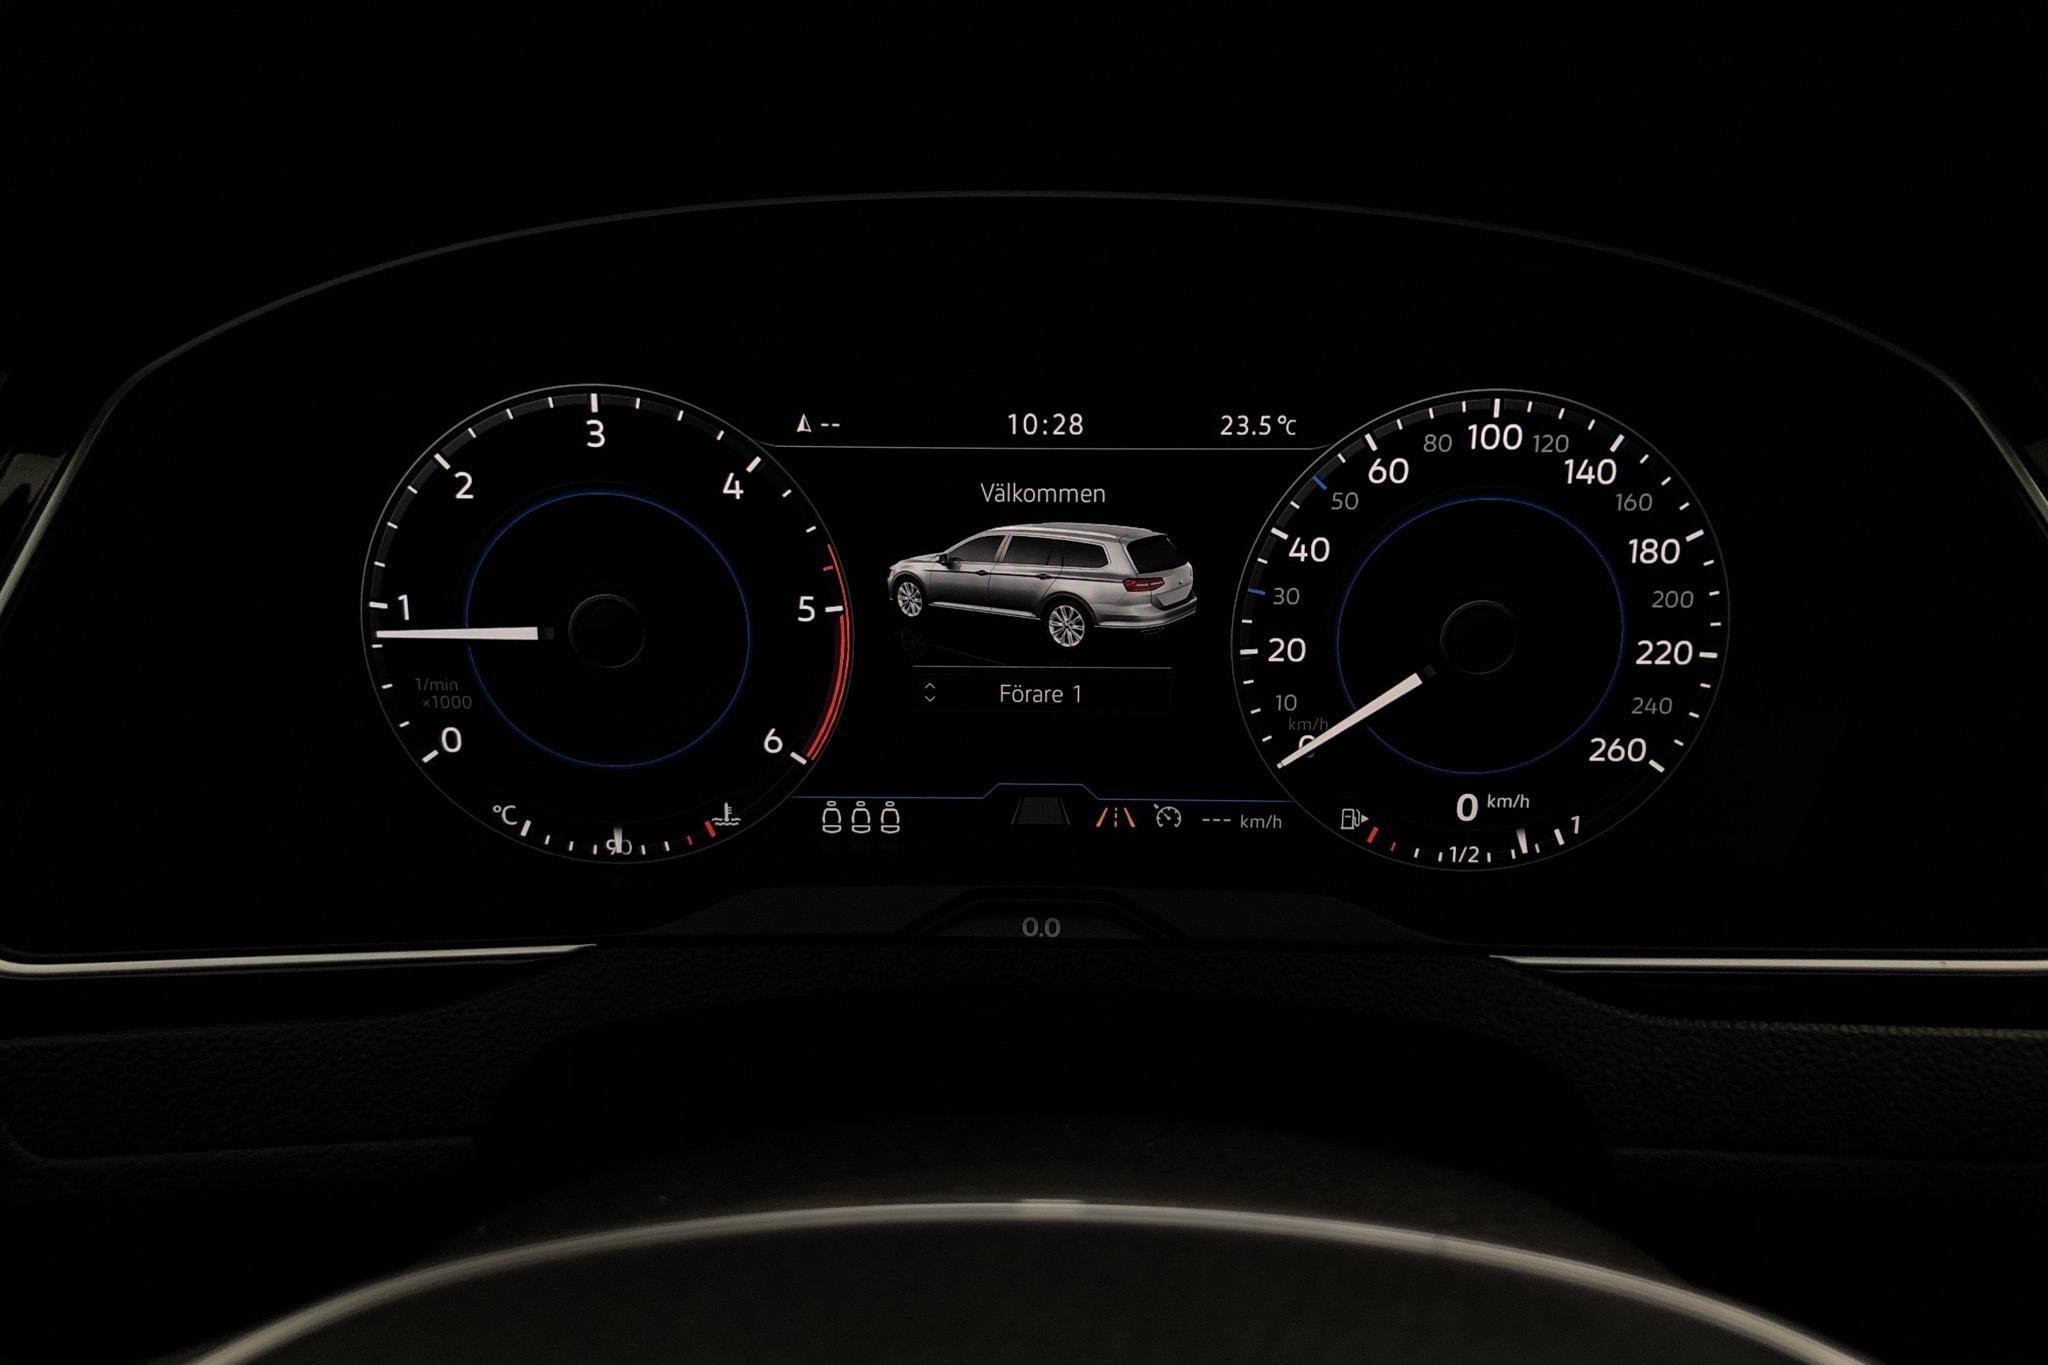 VW Passat 2.0 TDI Sportscombi (190hk) - 151 290 km - Manual - white - 2018